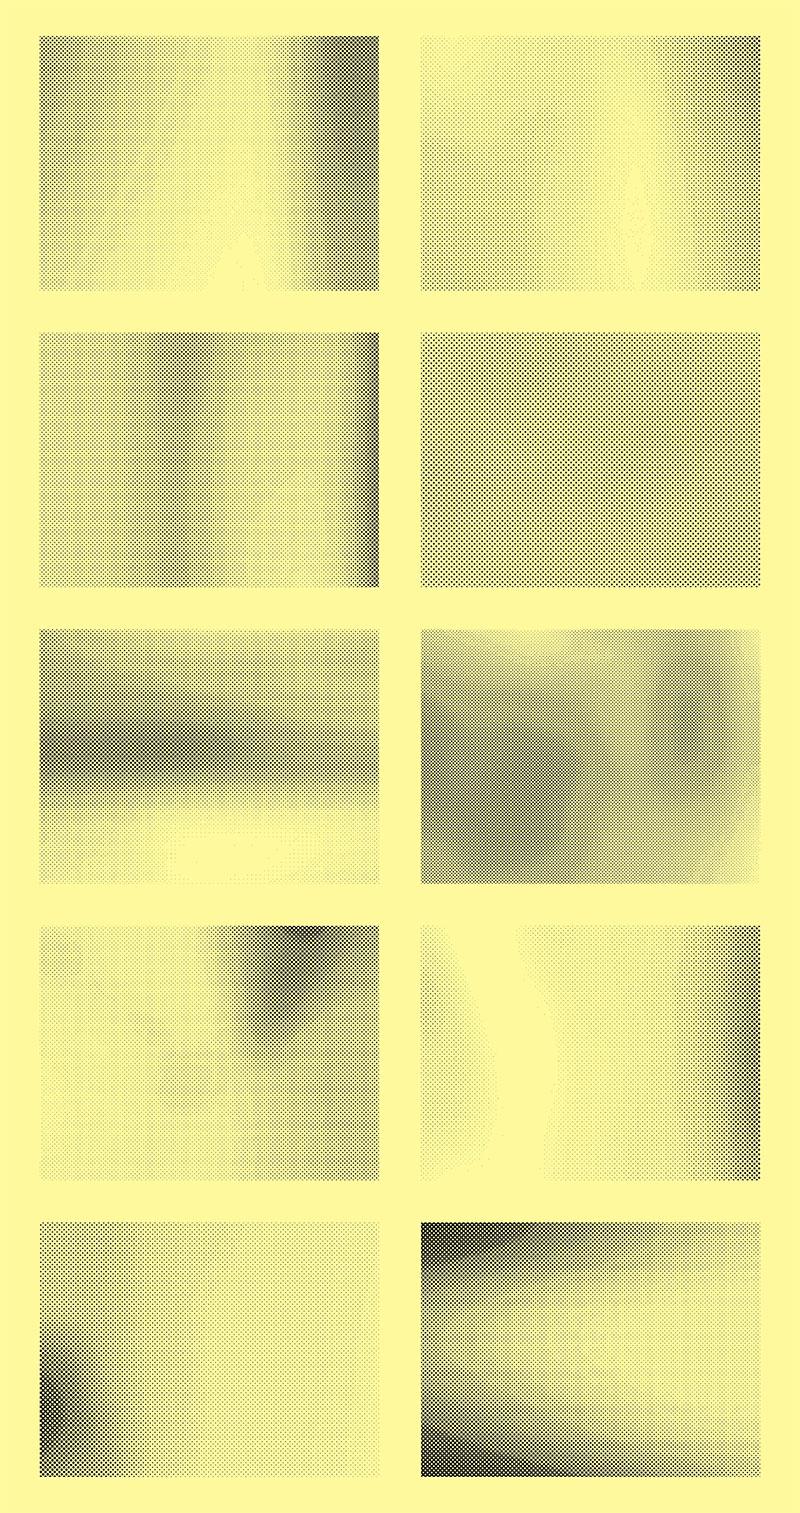 10款矢量网点纹理,AI PNG格式